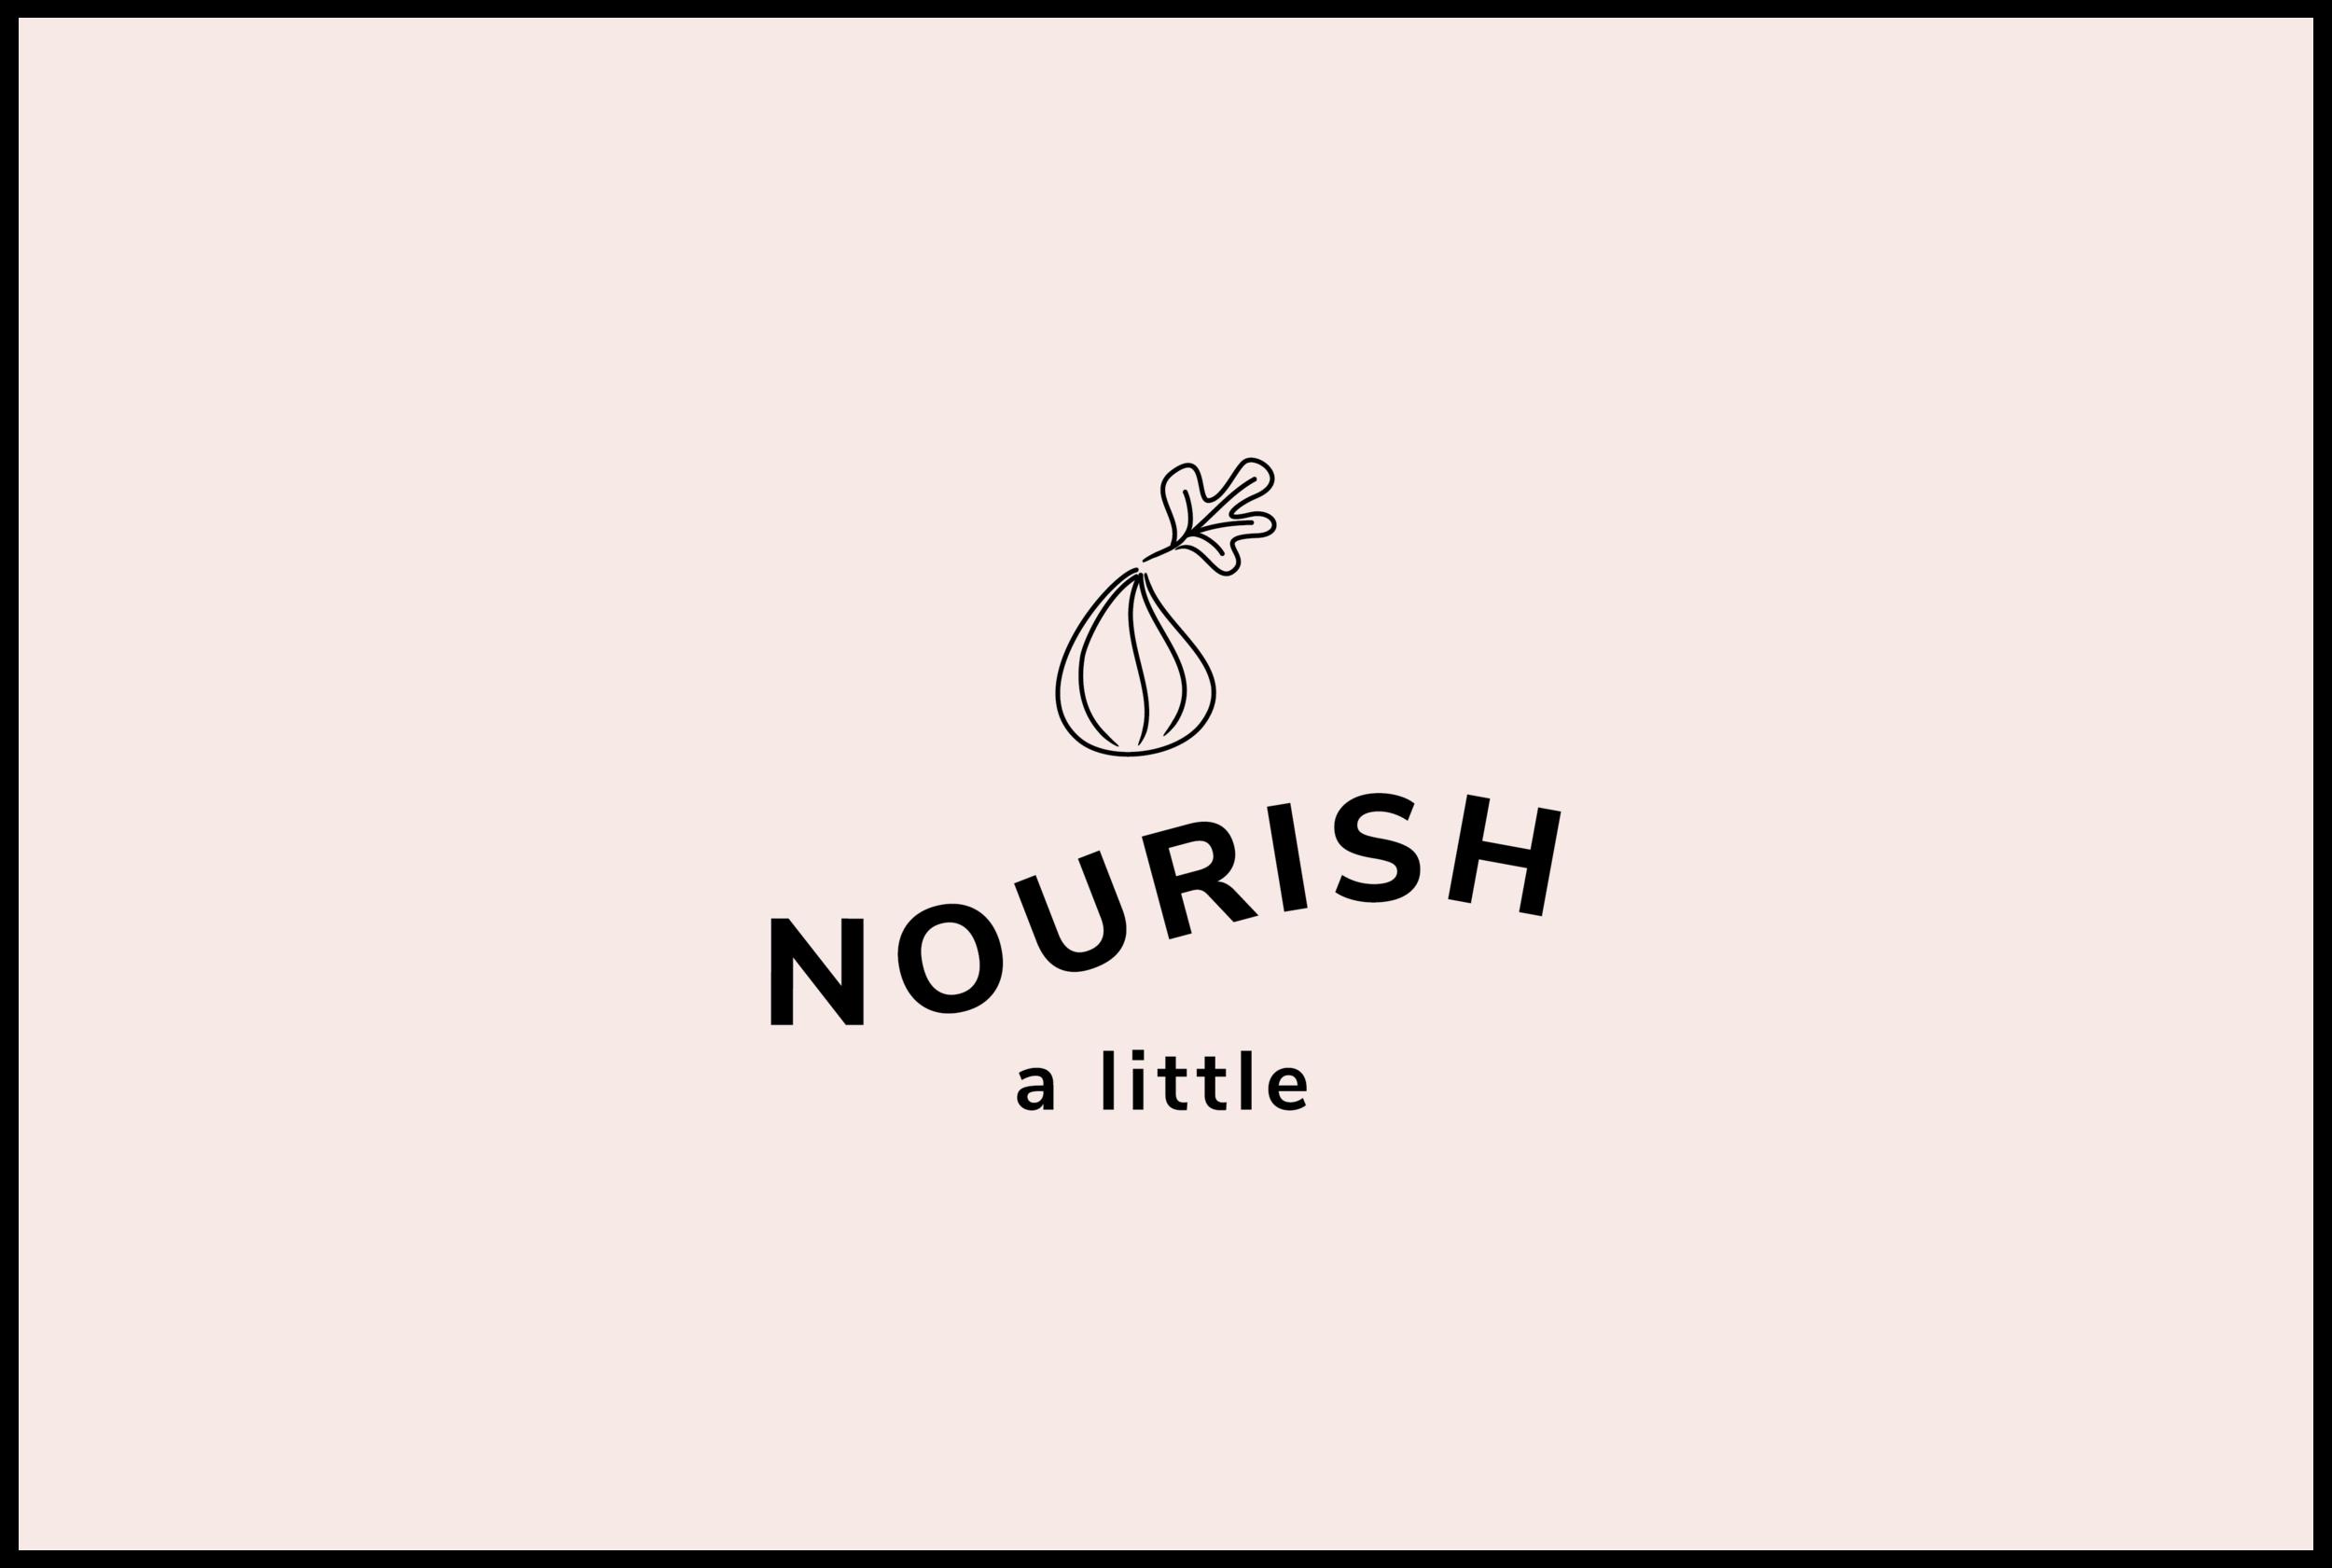 Lauren-Louisa-Graphic-Design-Work-02-02.png